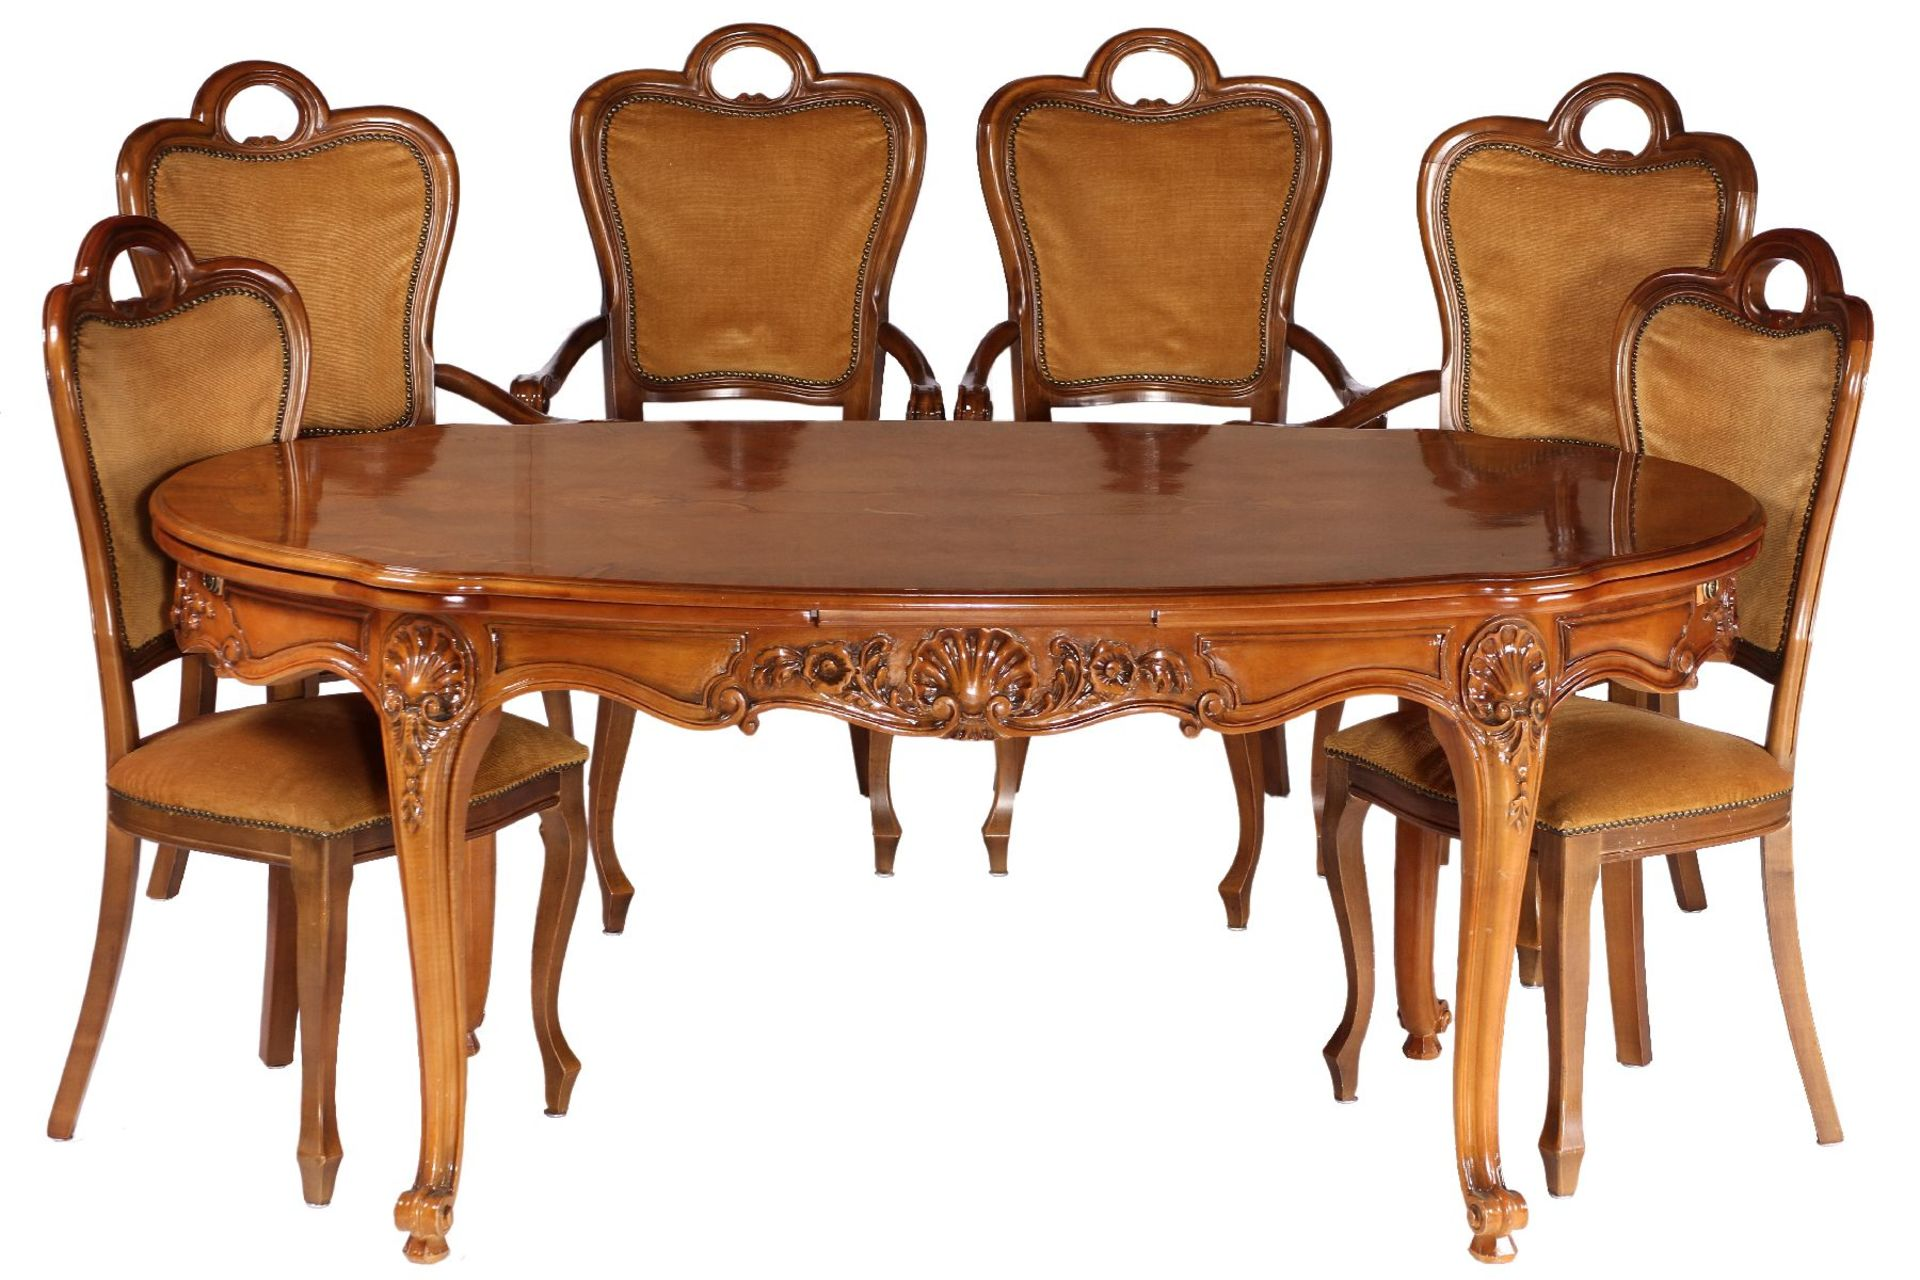 Ovaler Ausziehtisch mit 6 Stühlen, nach ital. Vorbild